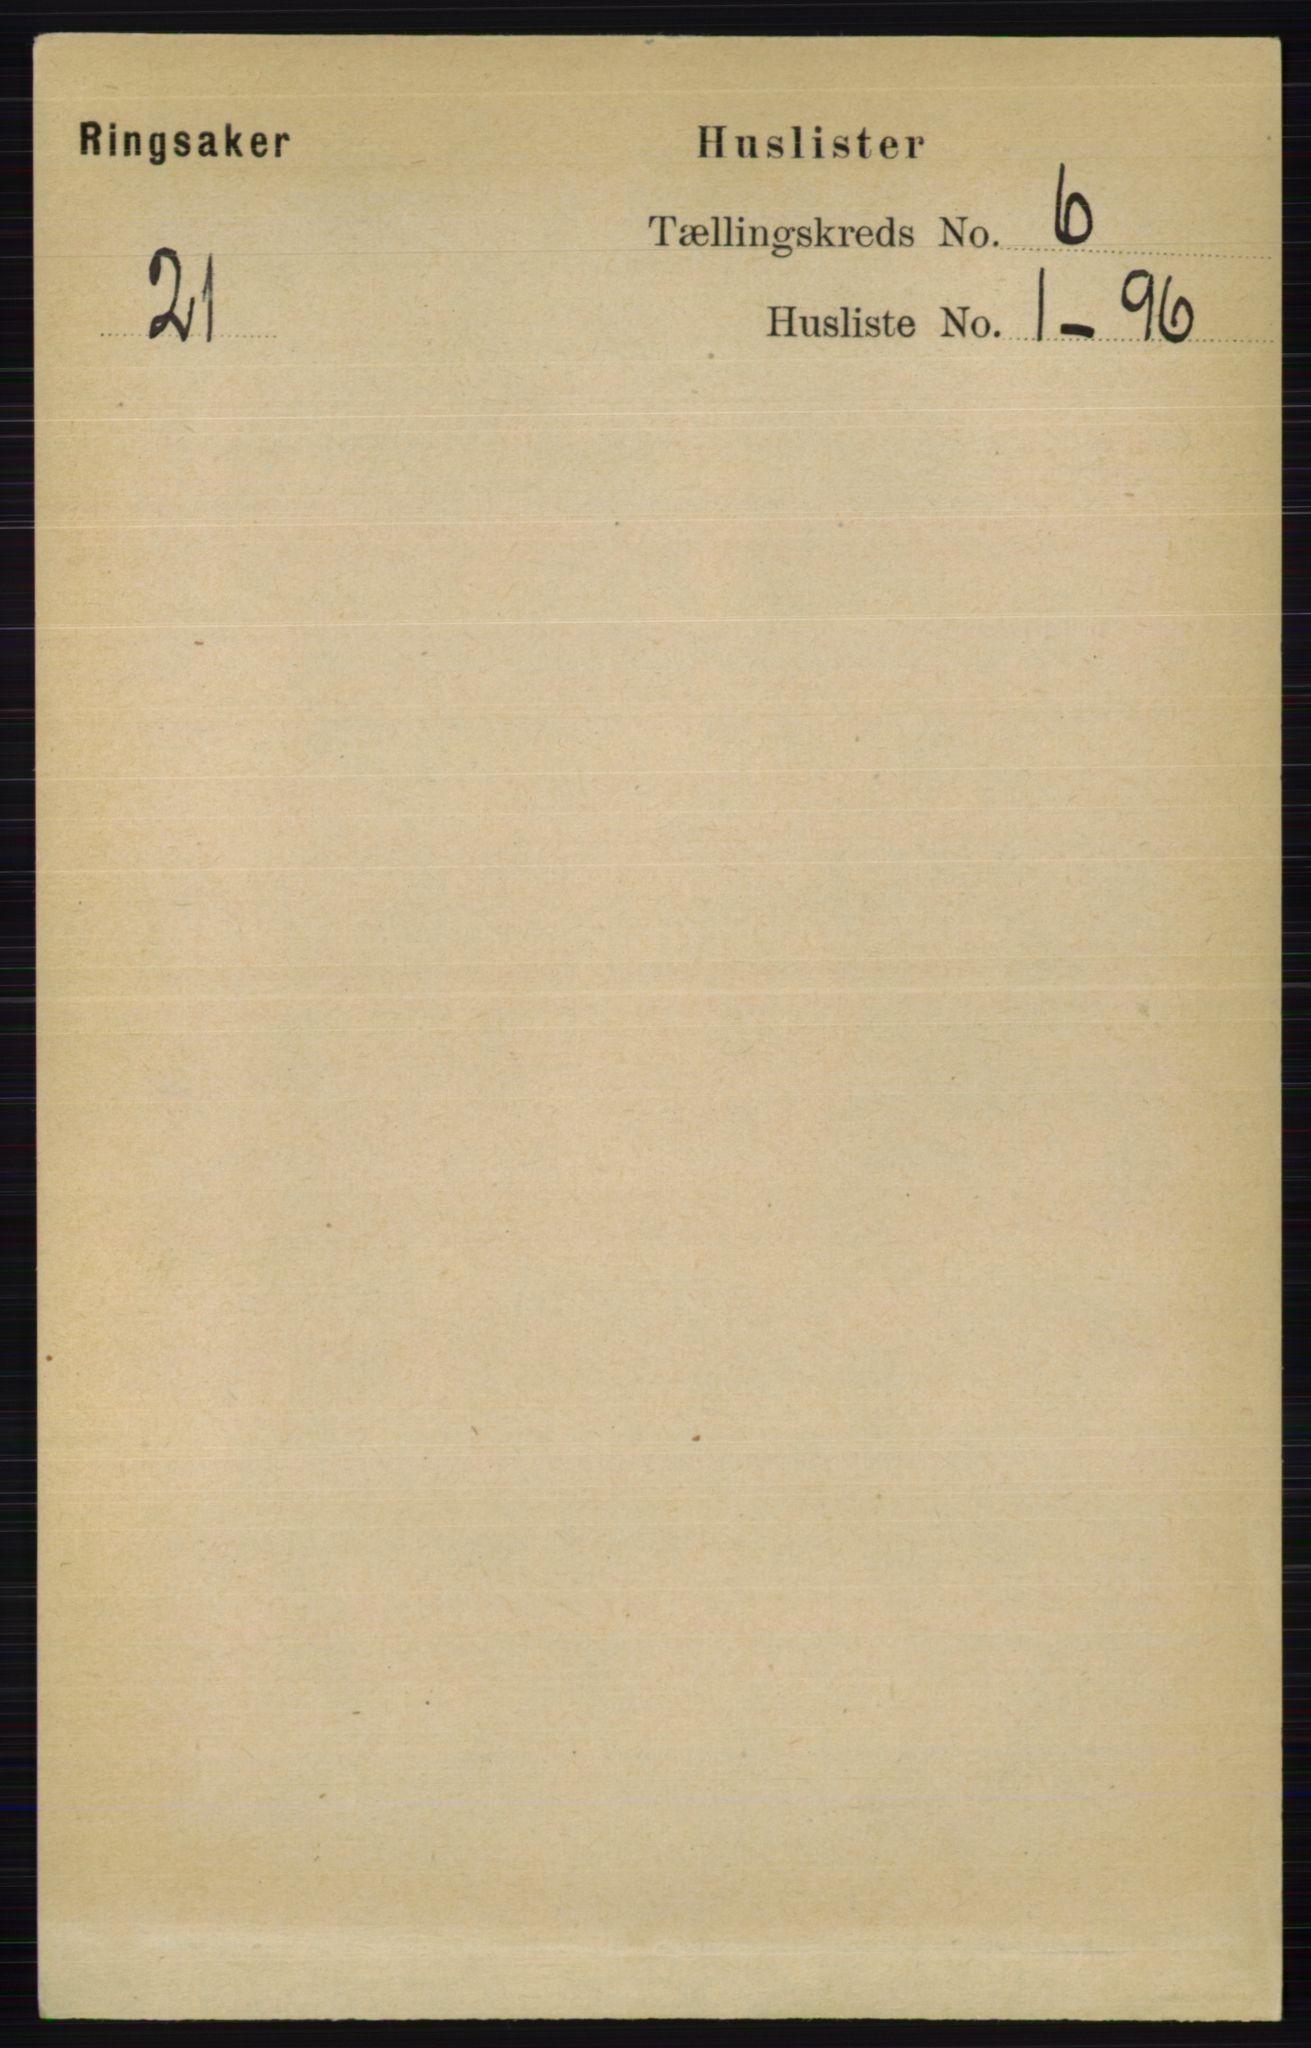 RA, Folketelling 1891 for 0412 Ringsaker herred, 1891, s. 3085